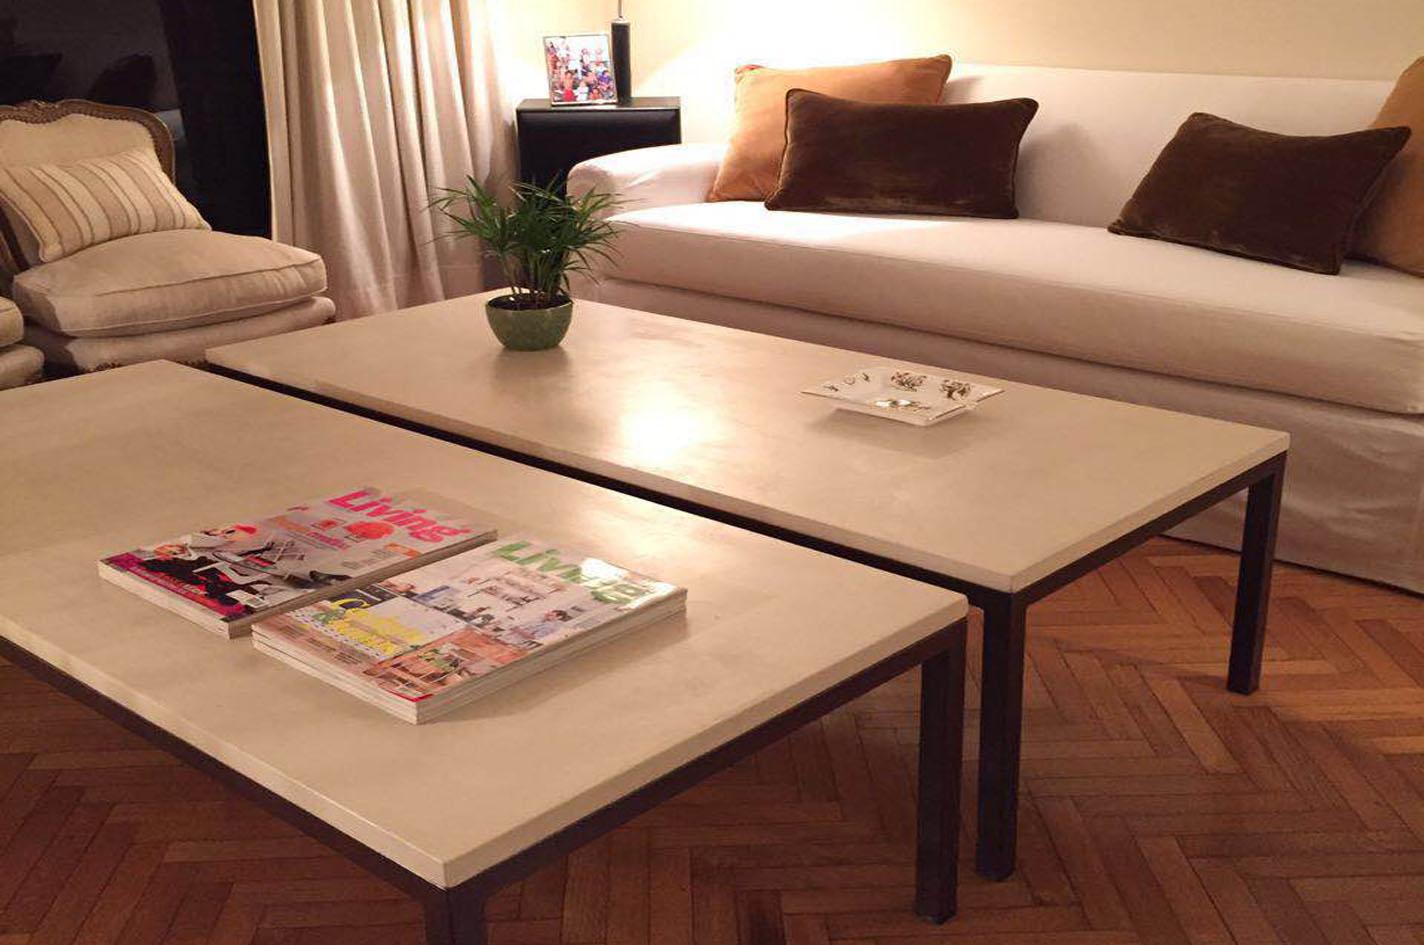 Muebles de cemento alisado y microcemento for Muebles microcemento